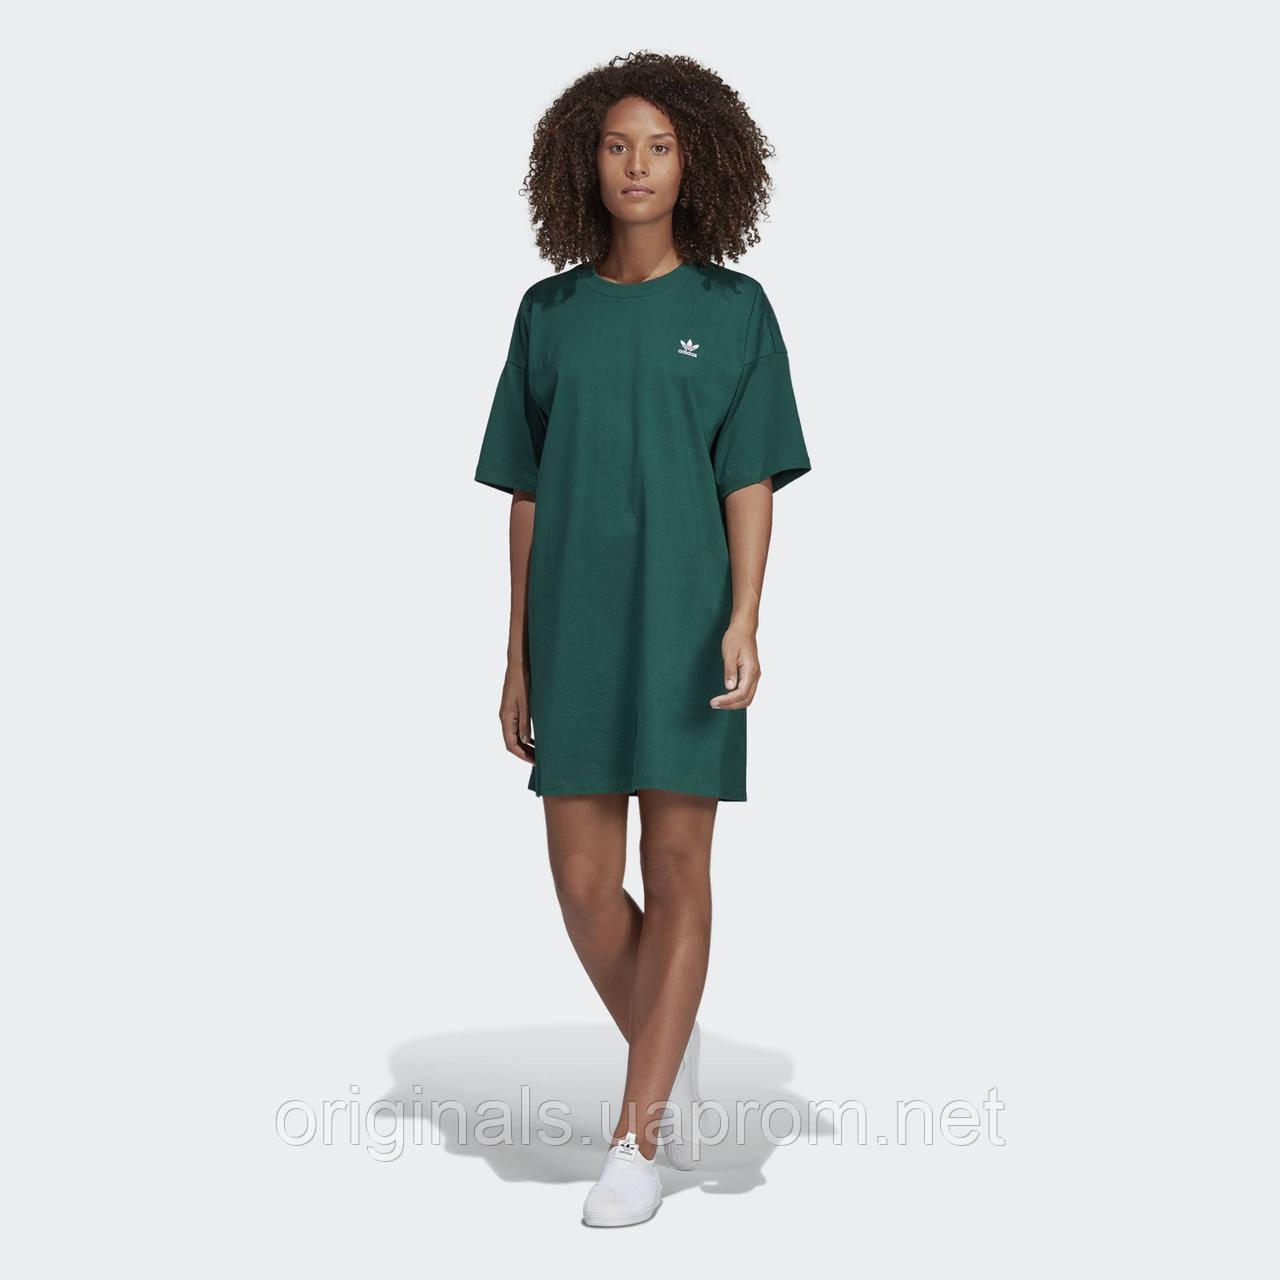 c897c9642f35b Женское платье Adidas Trefoil DV2604 - 2019 - интернет-магазин Originals -  Оригинальный Адидас,